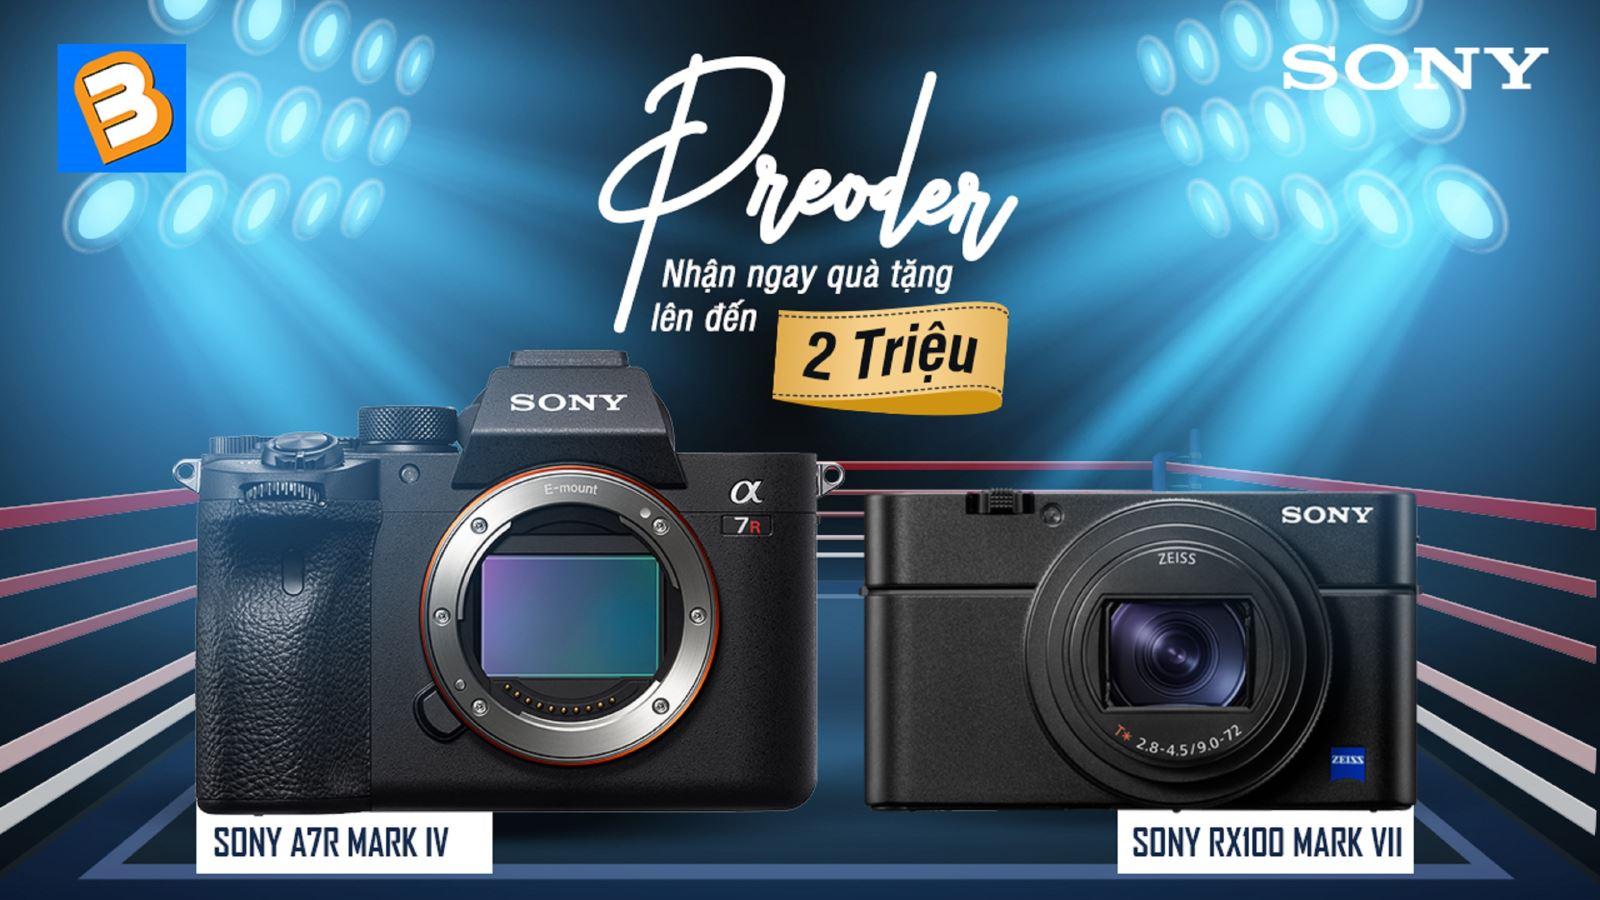 Chương trình Pre-order Sony Alpha A7RIV vàSony RX100 VII - nhận ngay quà tặng lên đến 2 Triệu Đồng!